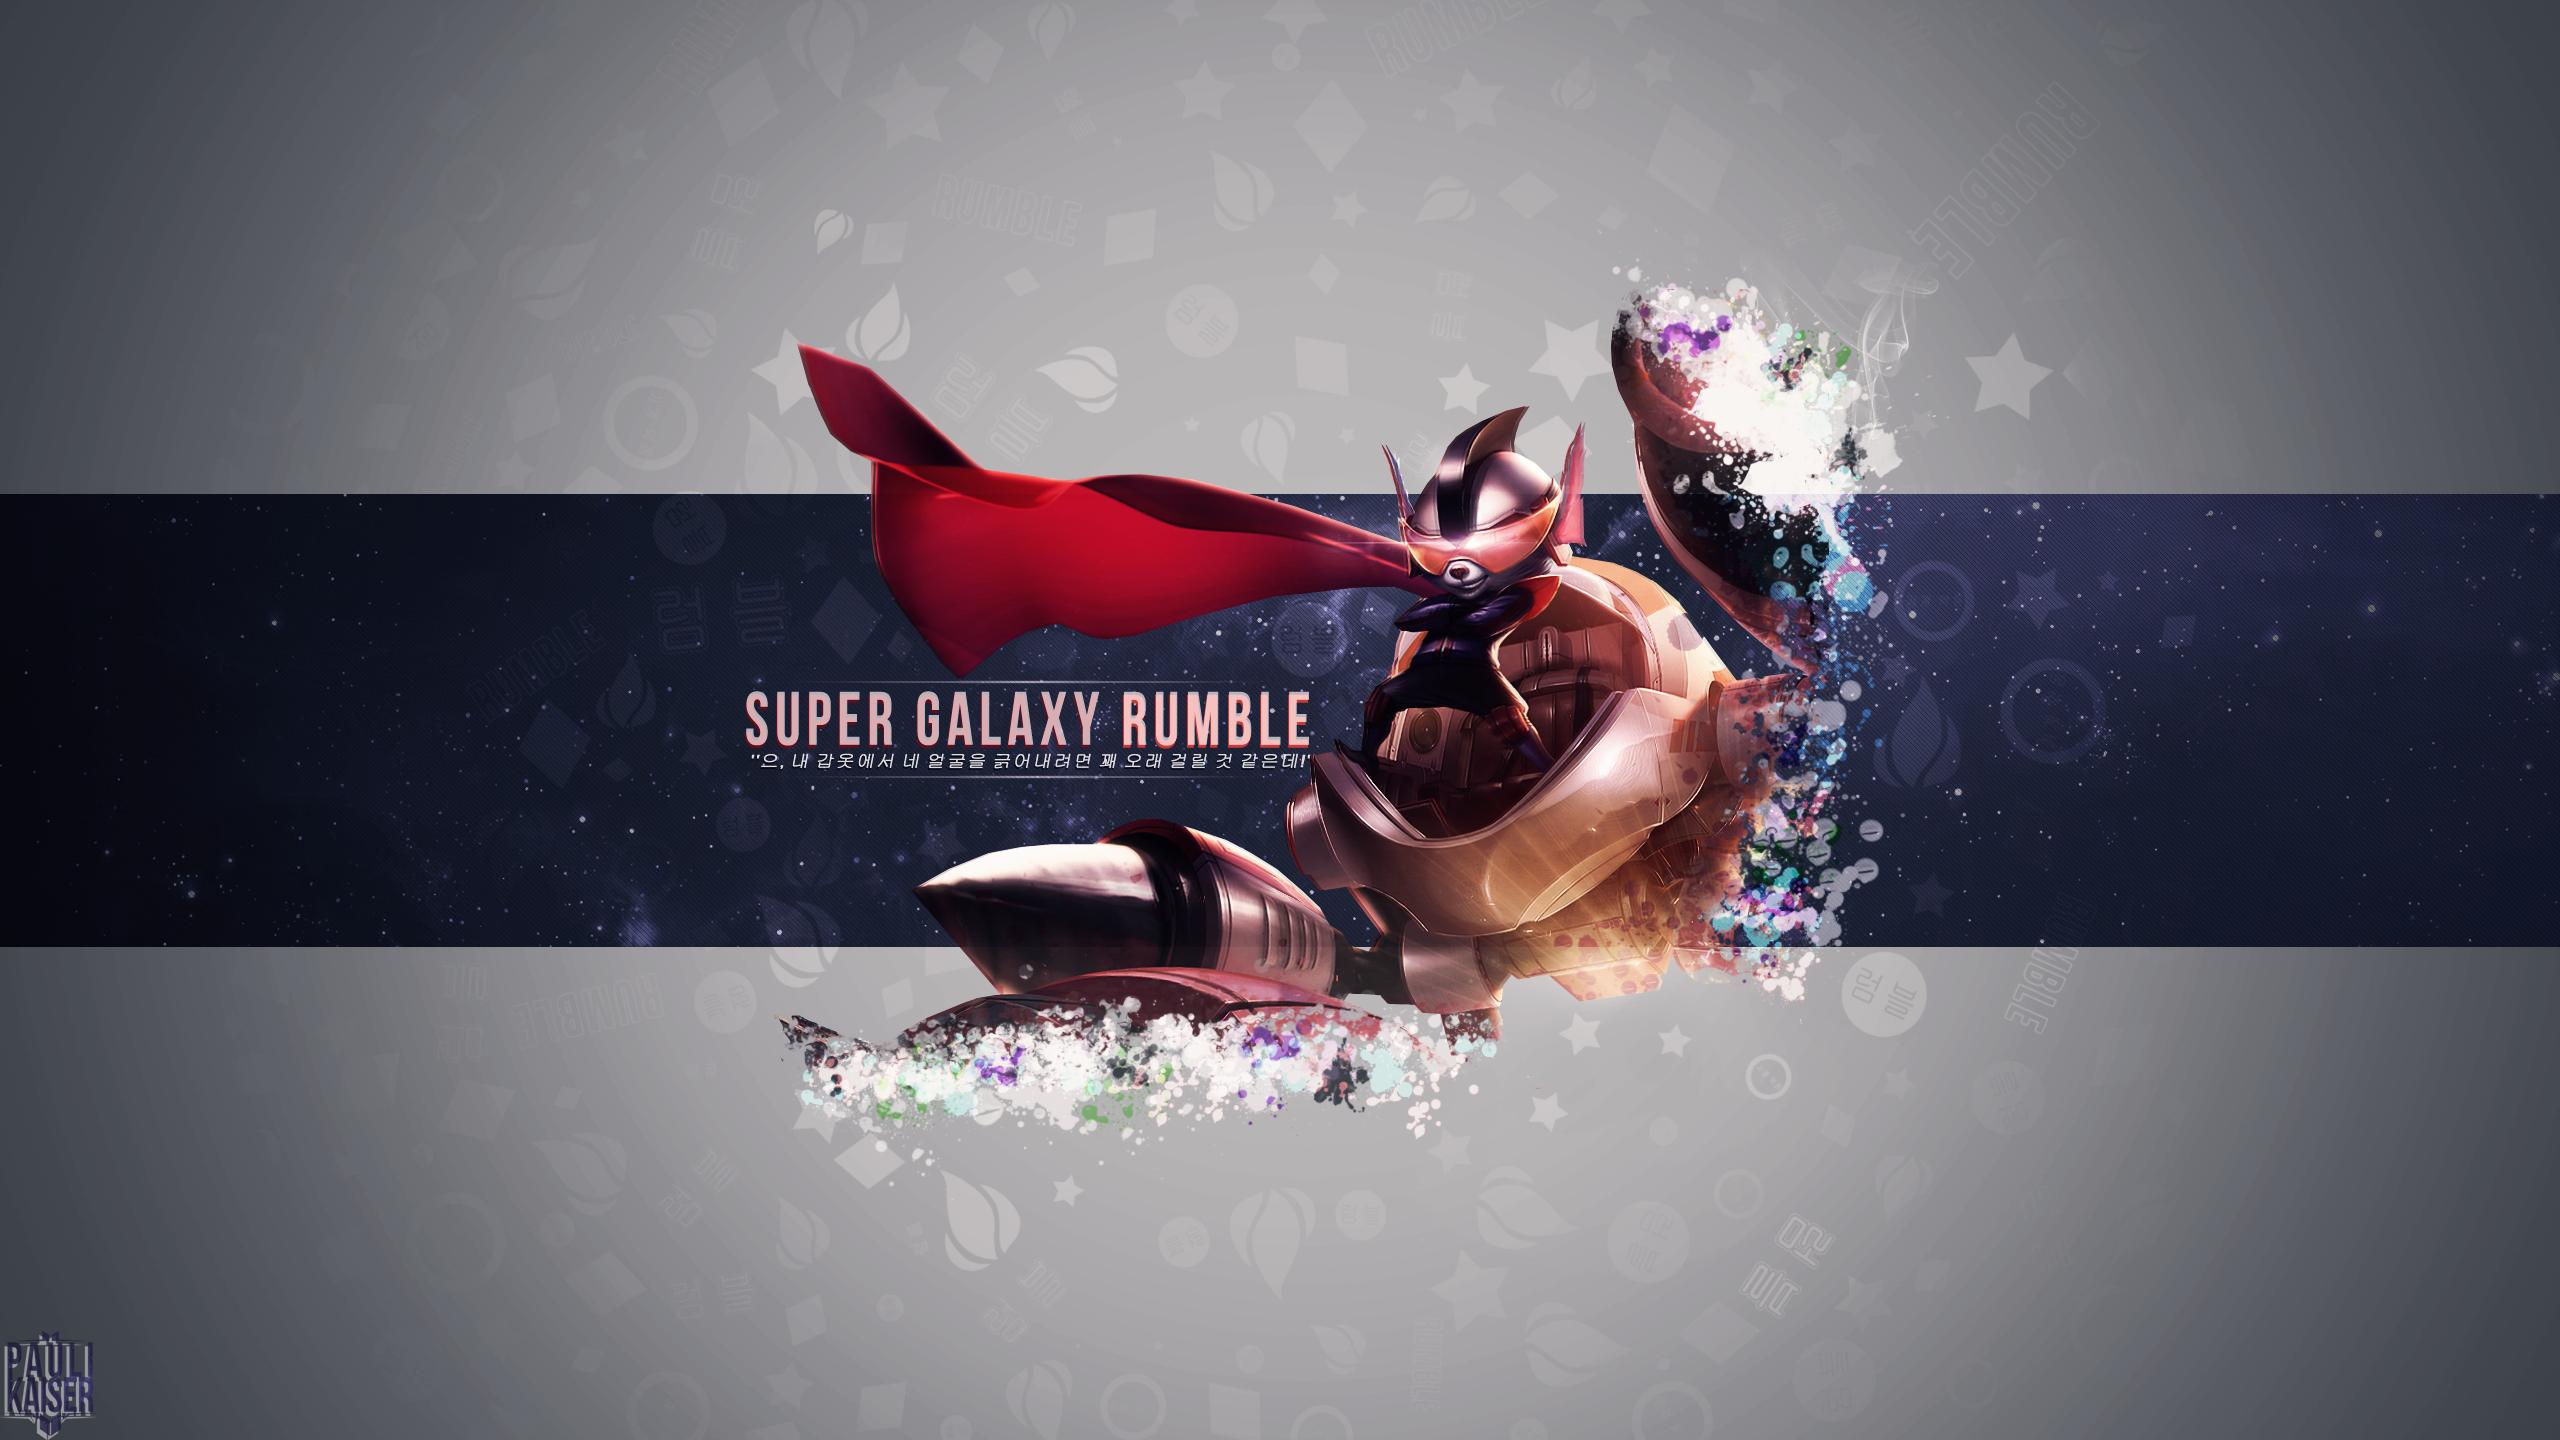 Super Galaxy Rumble wallpaper